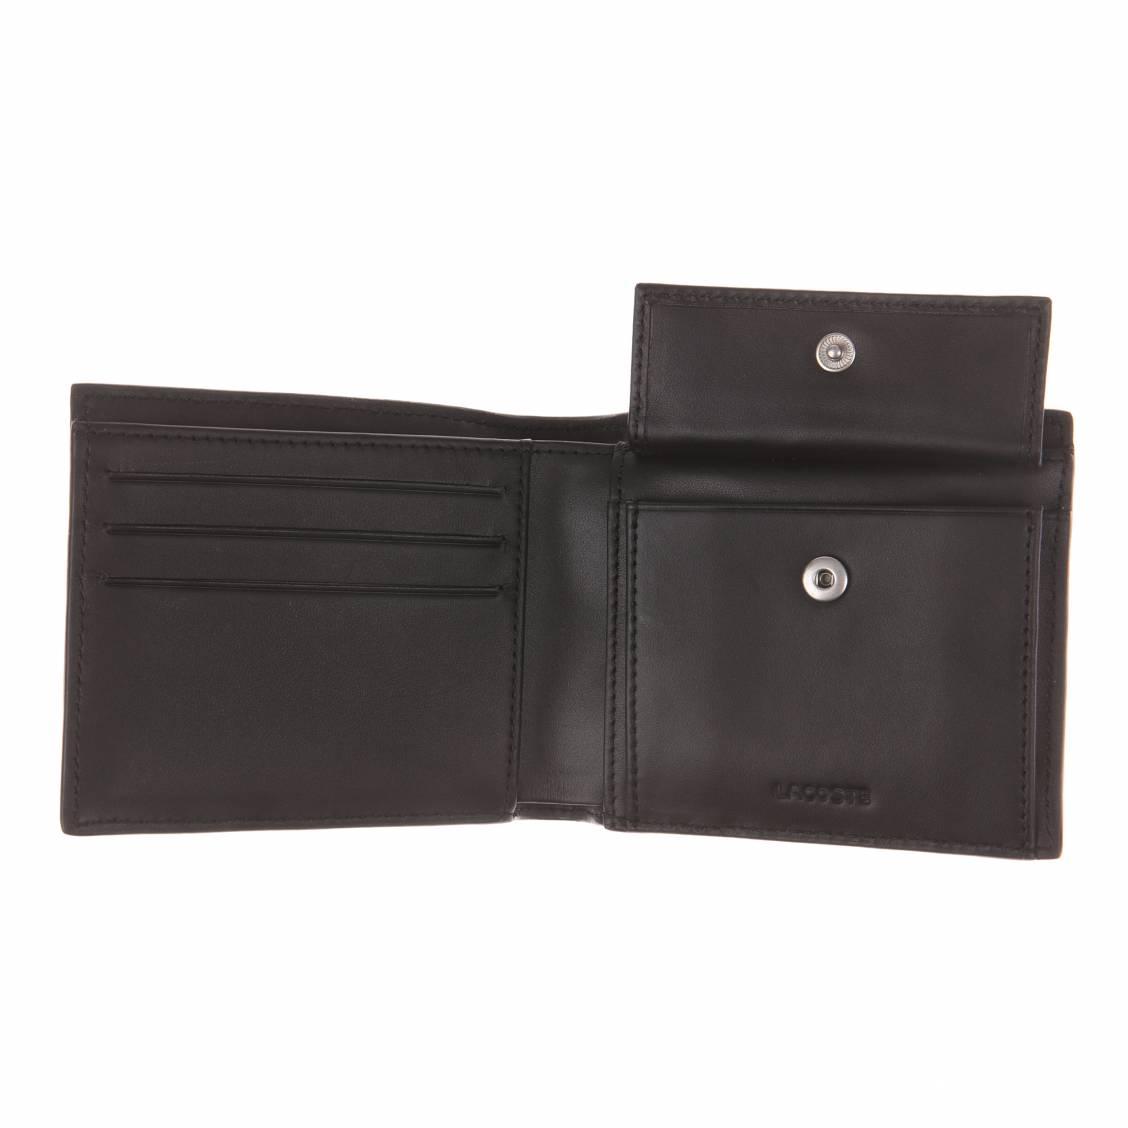 Portefeuille lacoste en cuir noir fonc porte monnaie rue des hommes - Porte monnaie lacoste homme ...